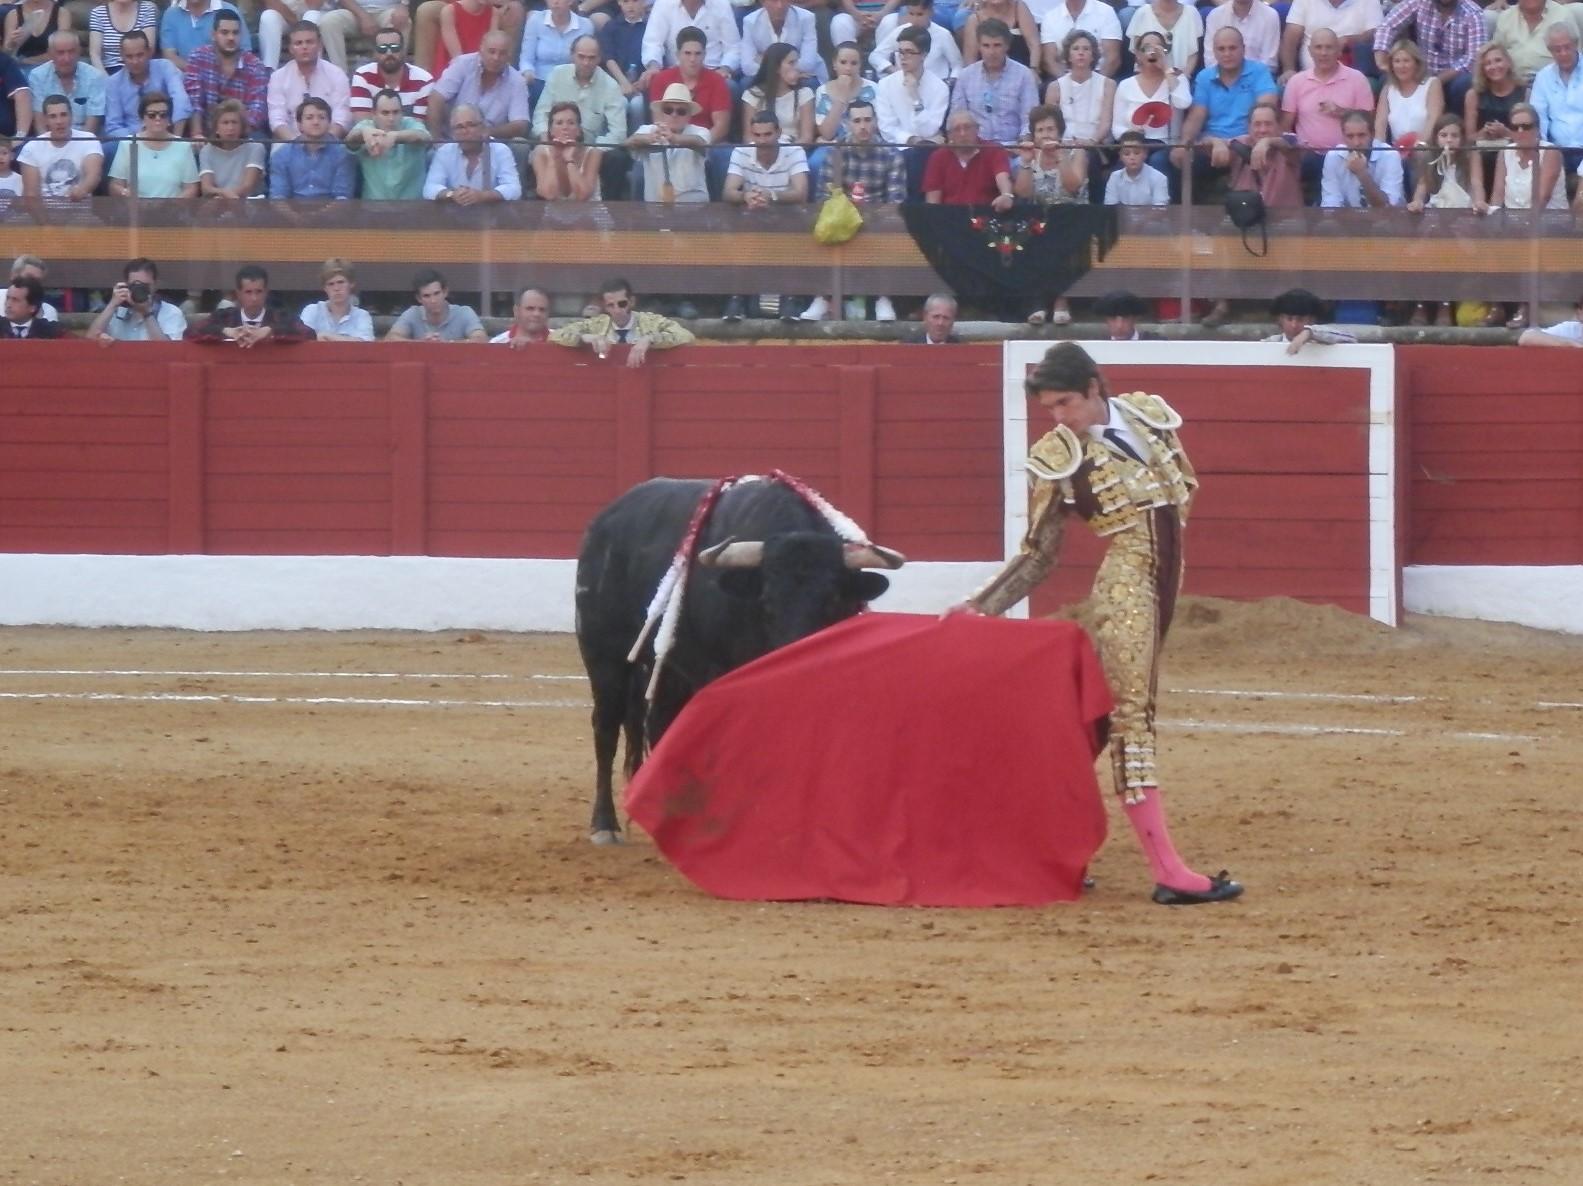 La provincia jiennense incrementa hasta un total de 213 la cifra de espectáculos taurinos celebrados el pasado ejercicio